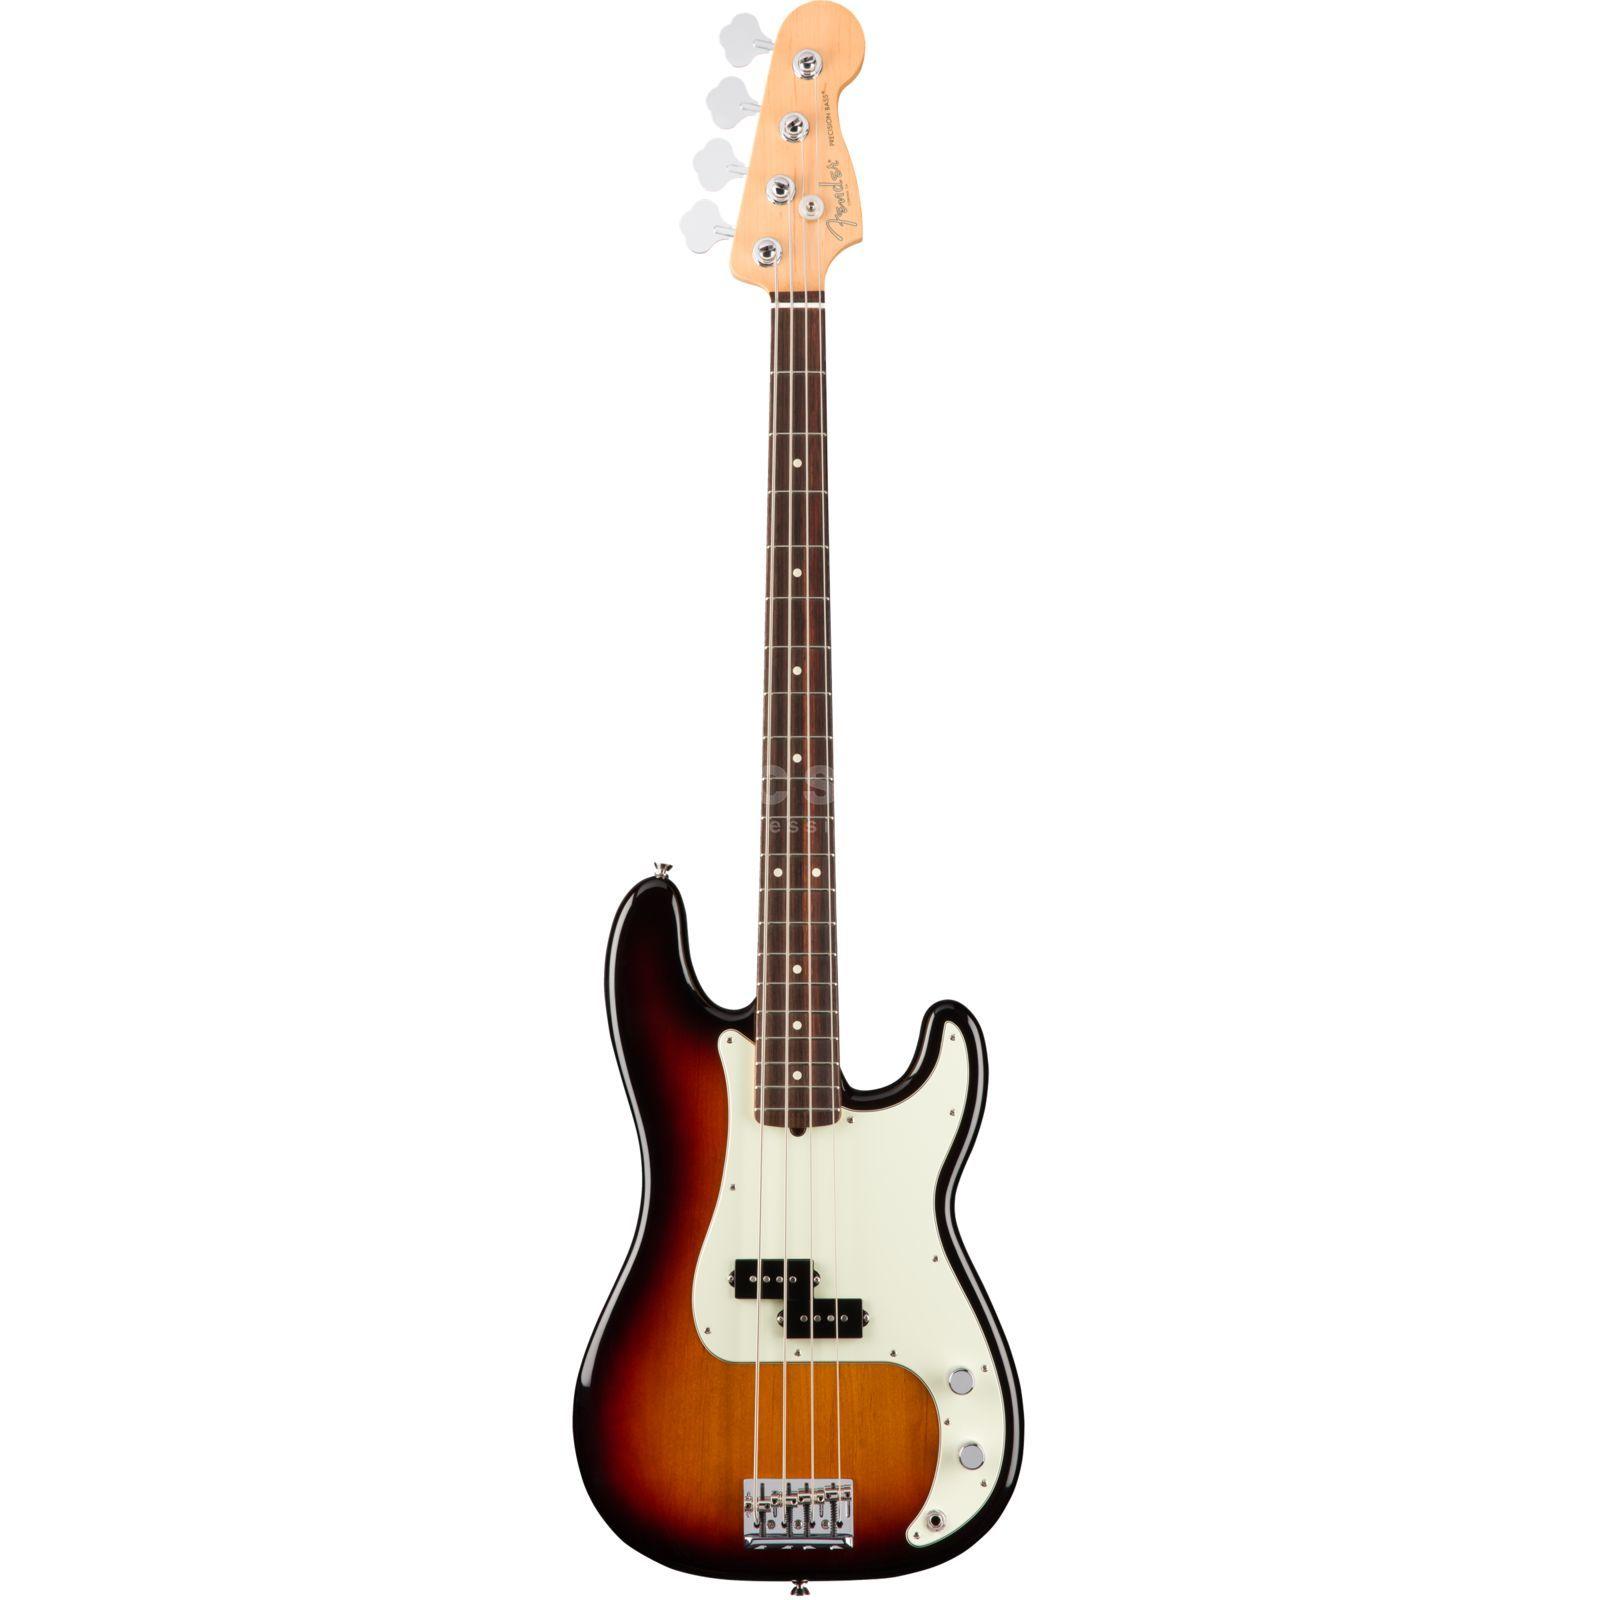 Fender Jaguar Mexican Fender Stratocaster Und Der Sound